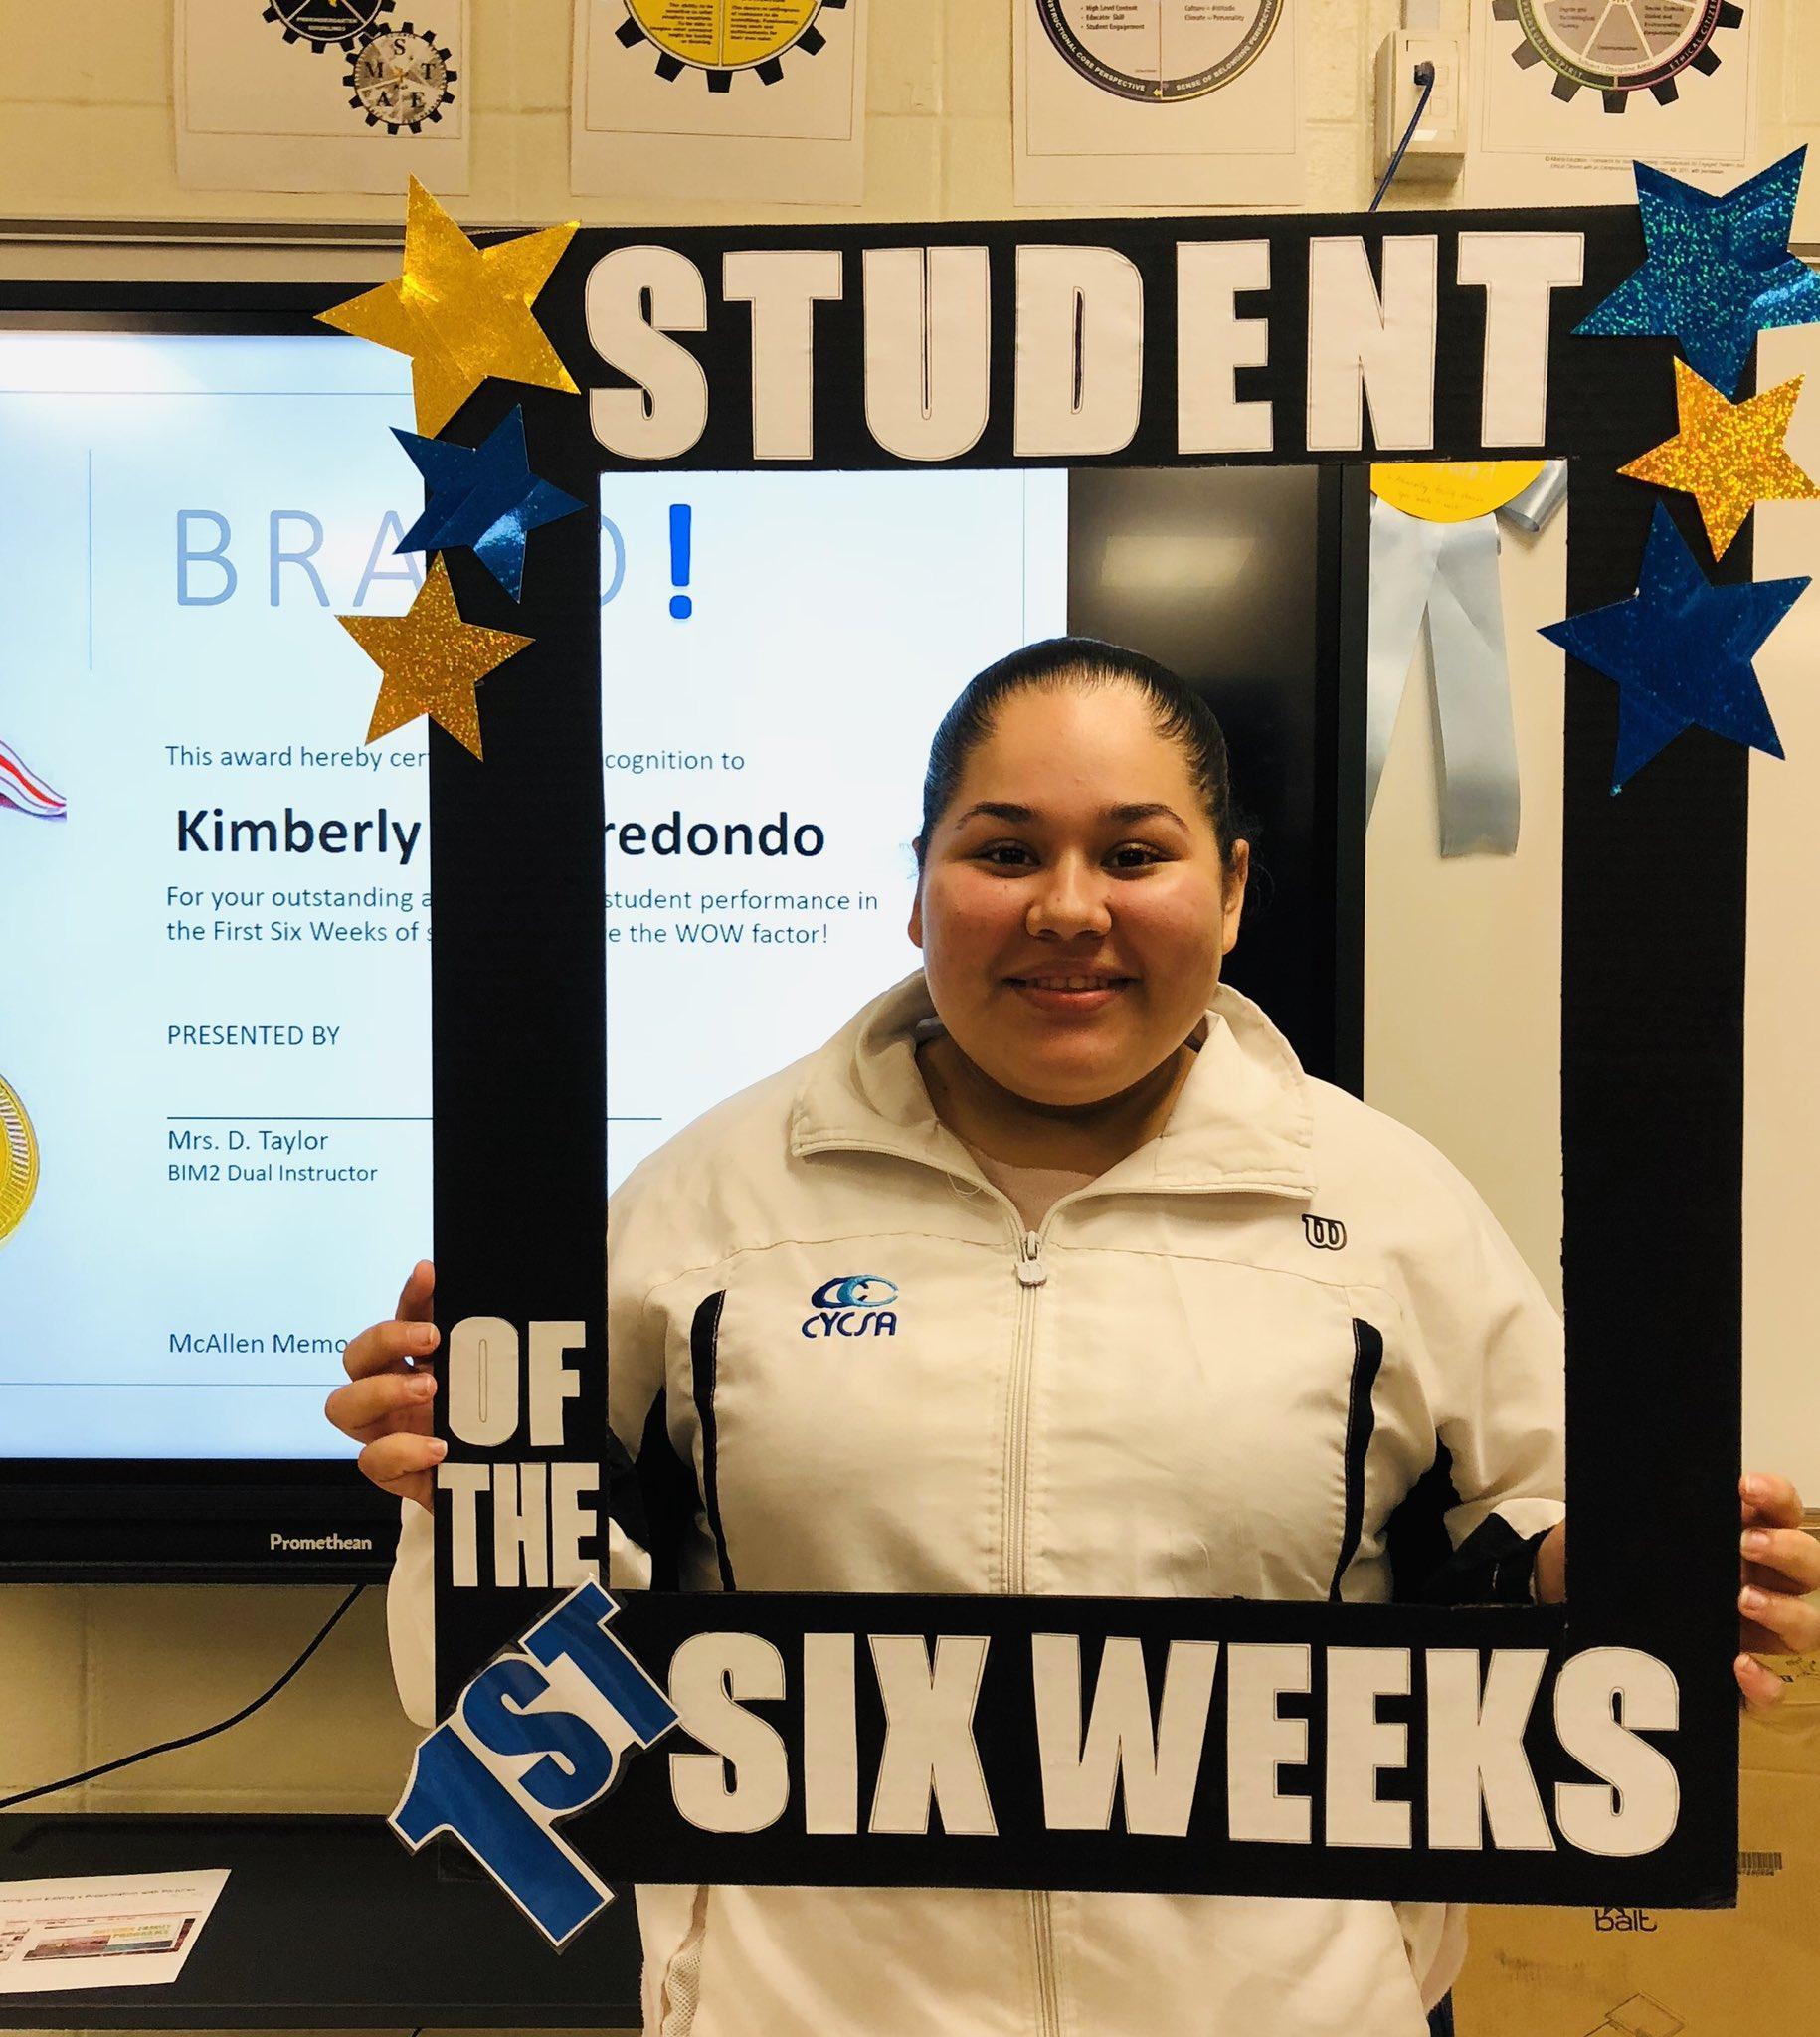 student holding award frame